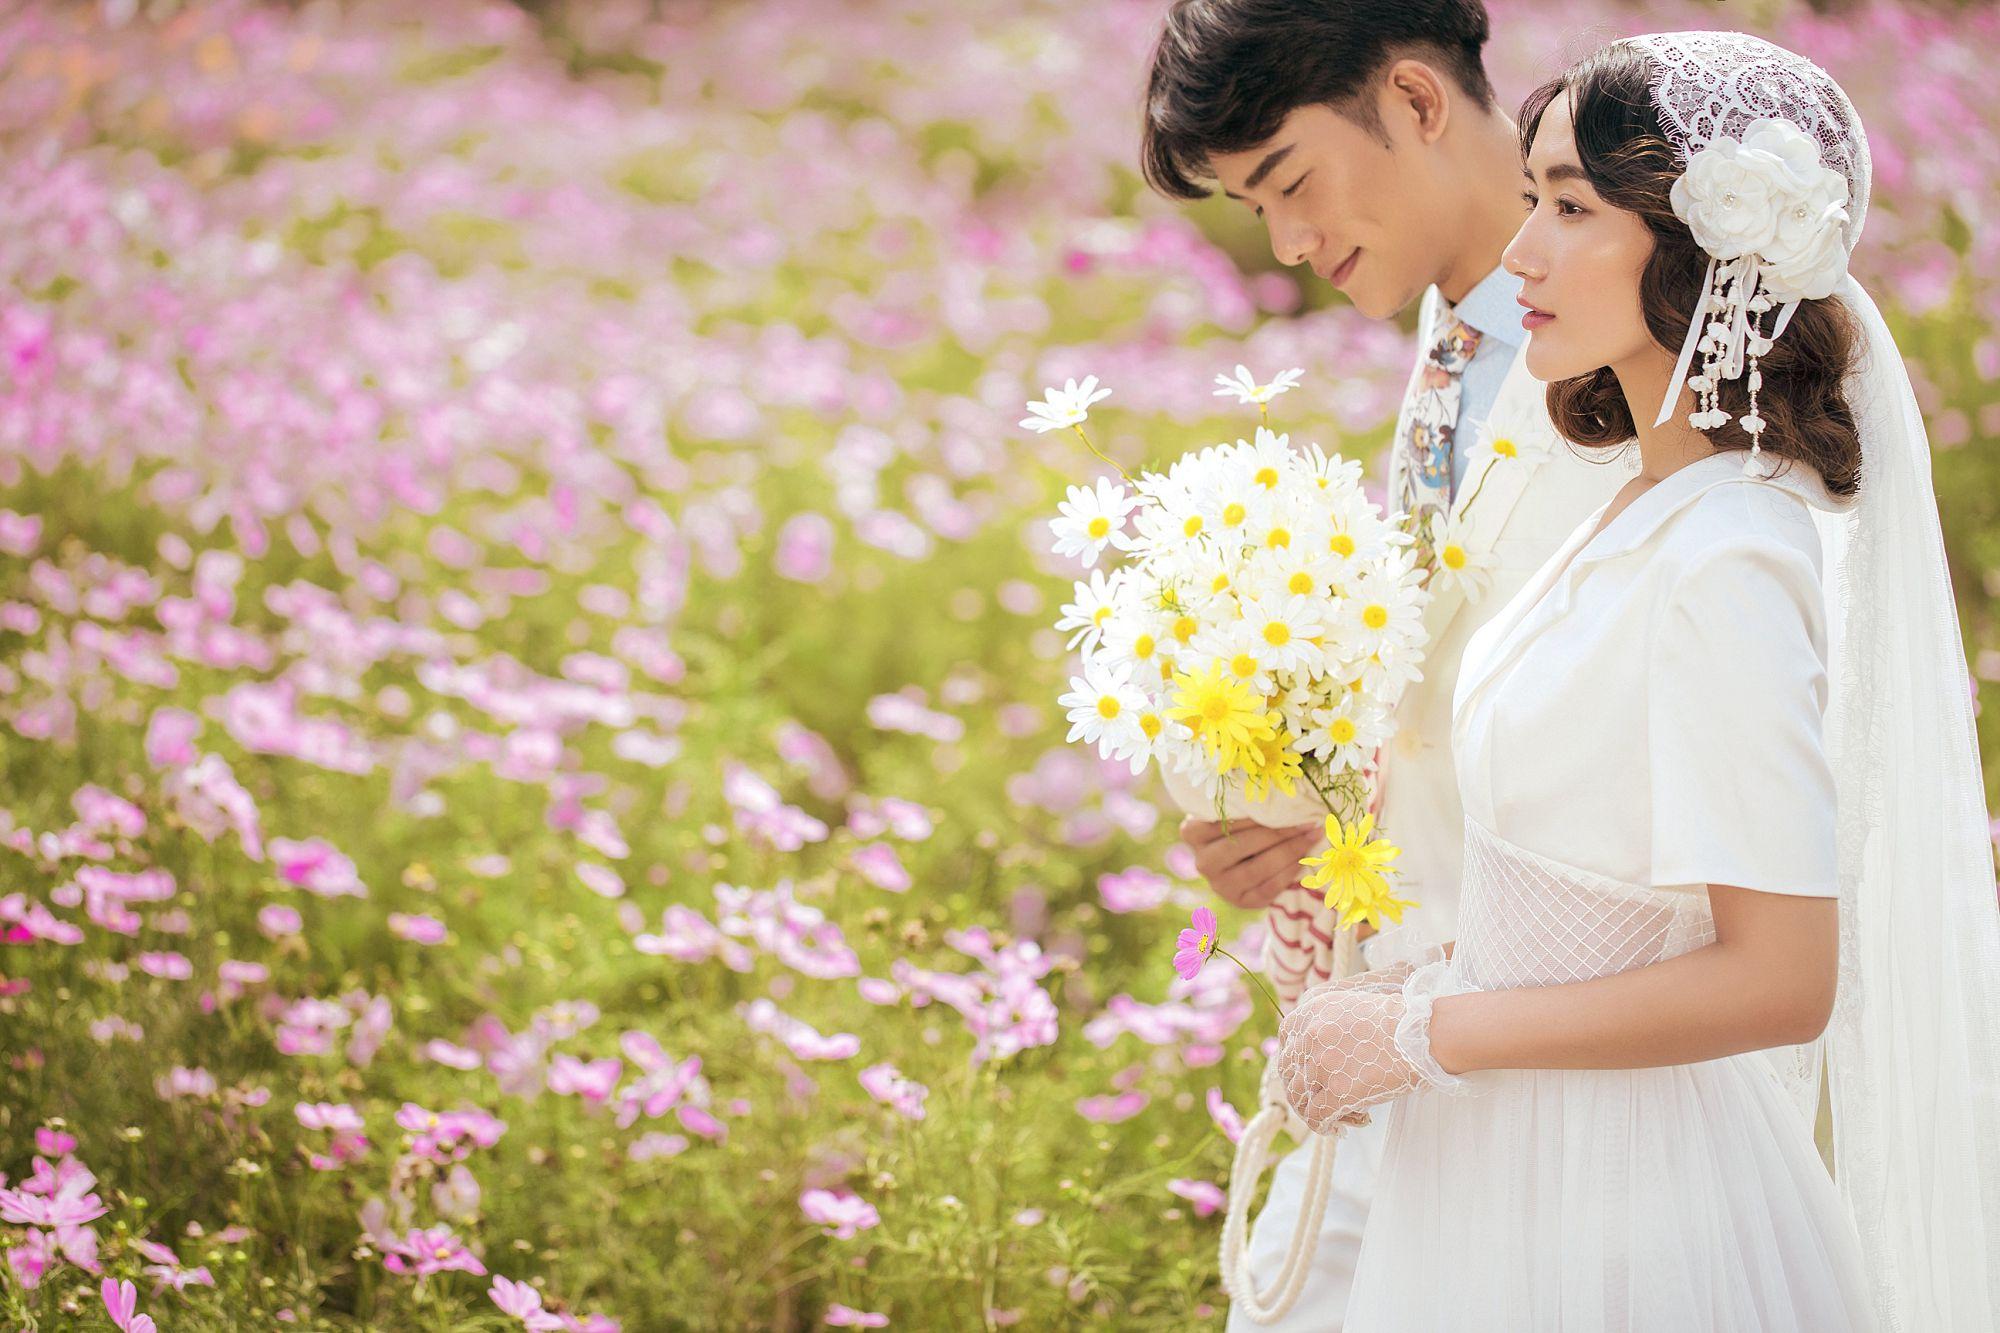 浪漫外景婚纱照拍摄地,广州这十个地方也能满足你!